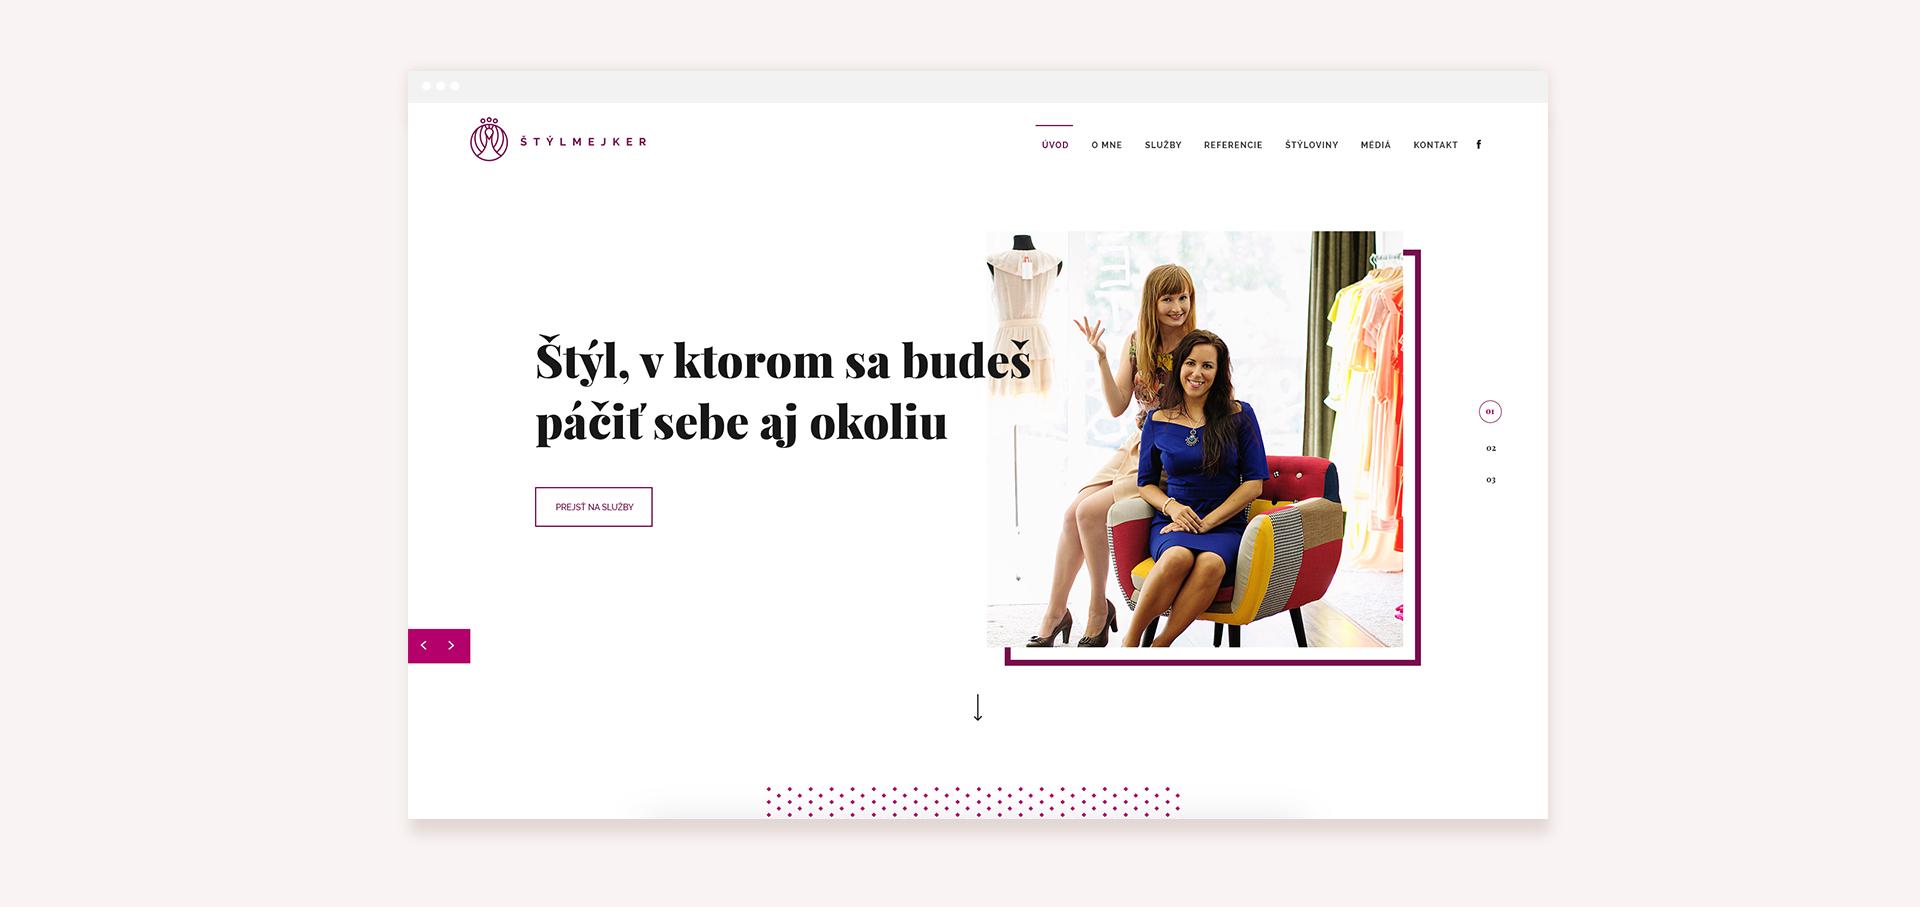 Stylmejker_webdesign.screen